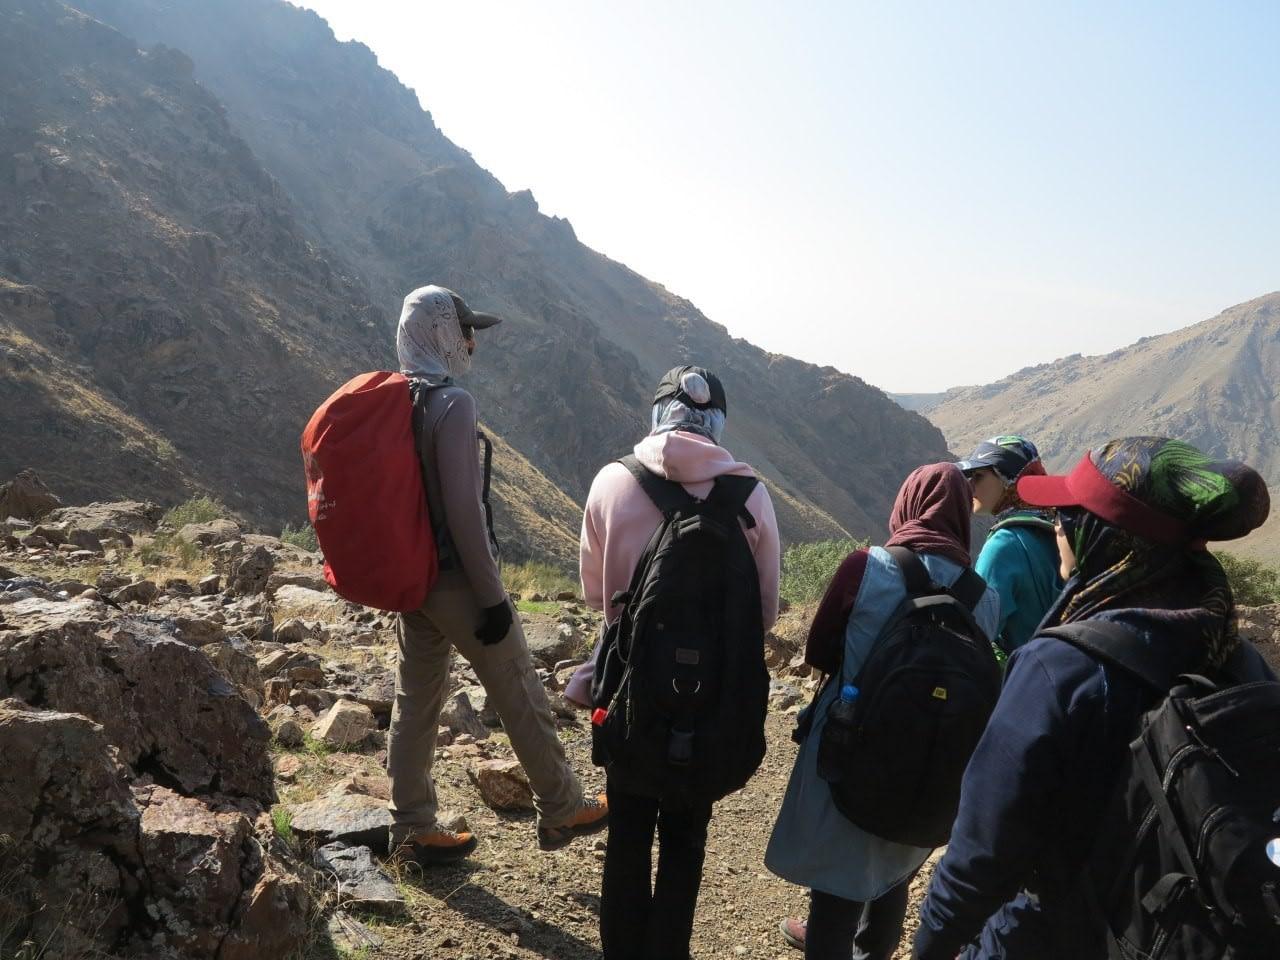 آموزش نحوه گام برداری در کوه پیمایی